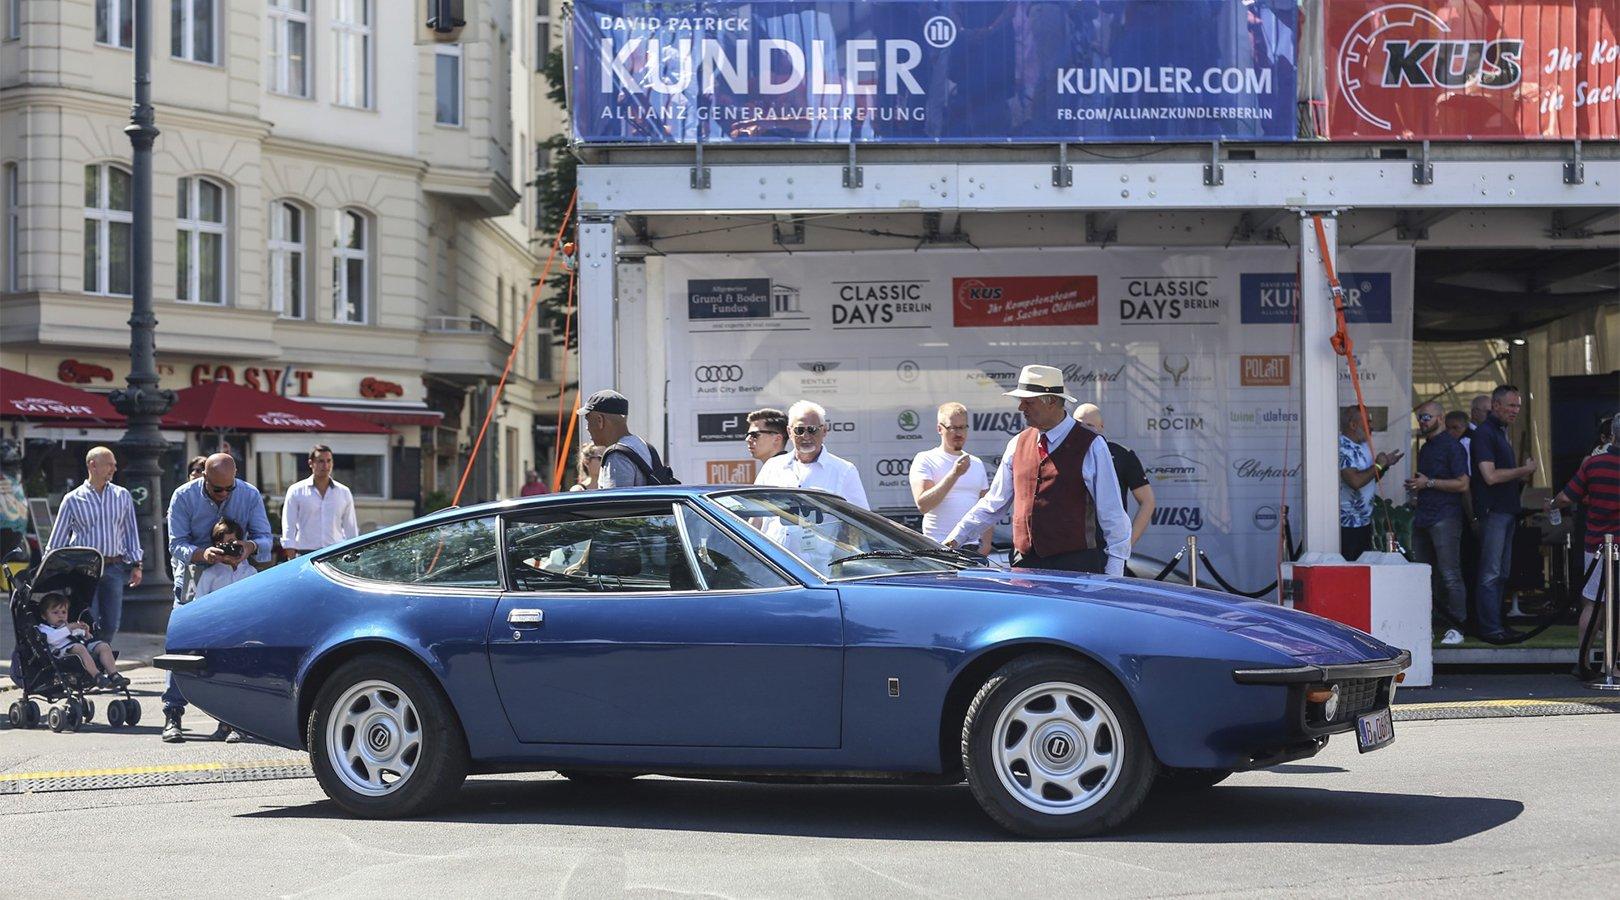 Oldtimer auf dem Kudamm Berlin - Classic Days 2018 Allianz Kundler